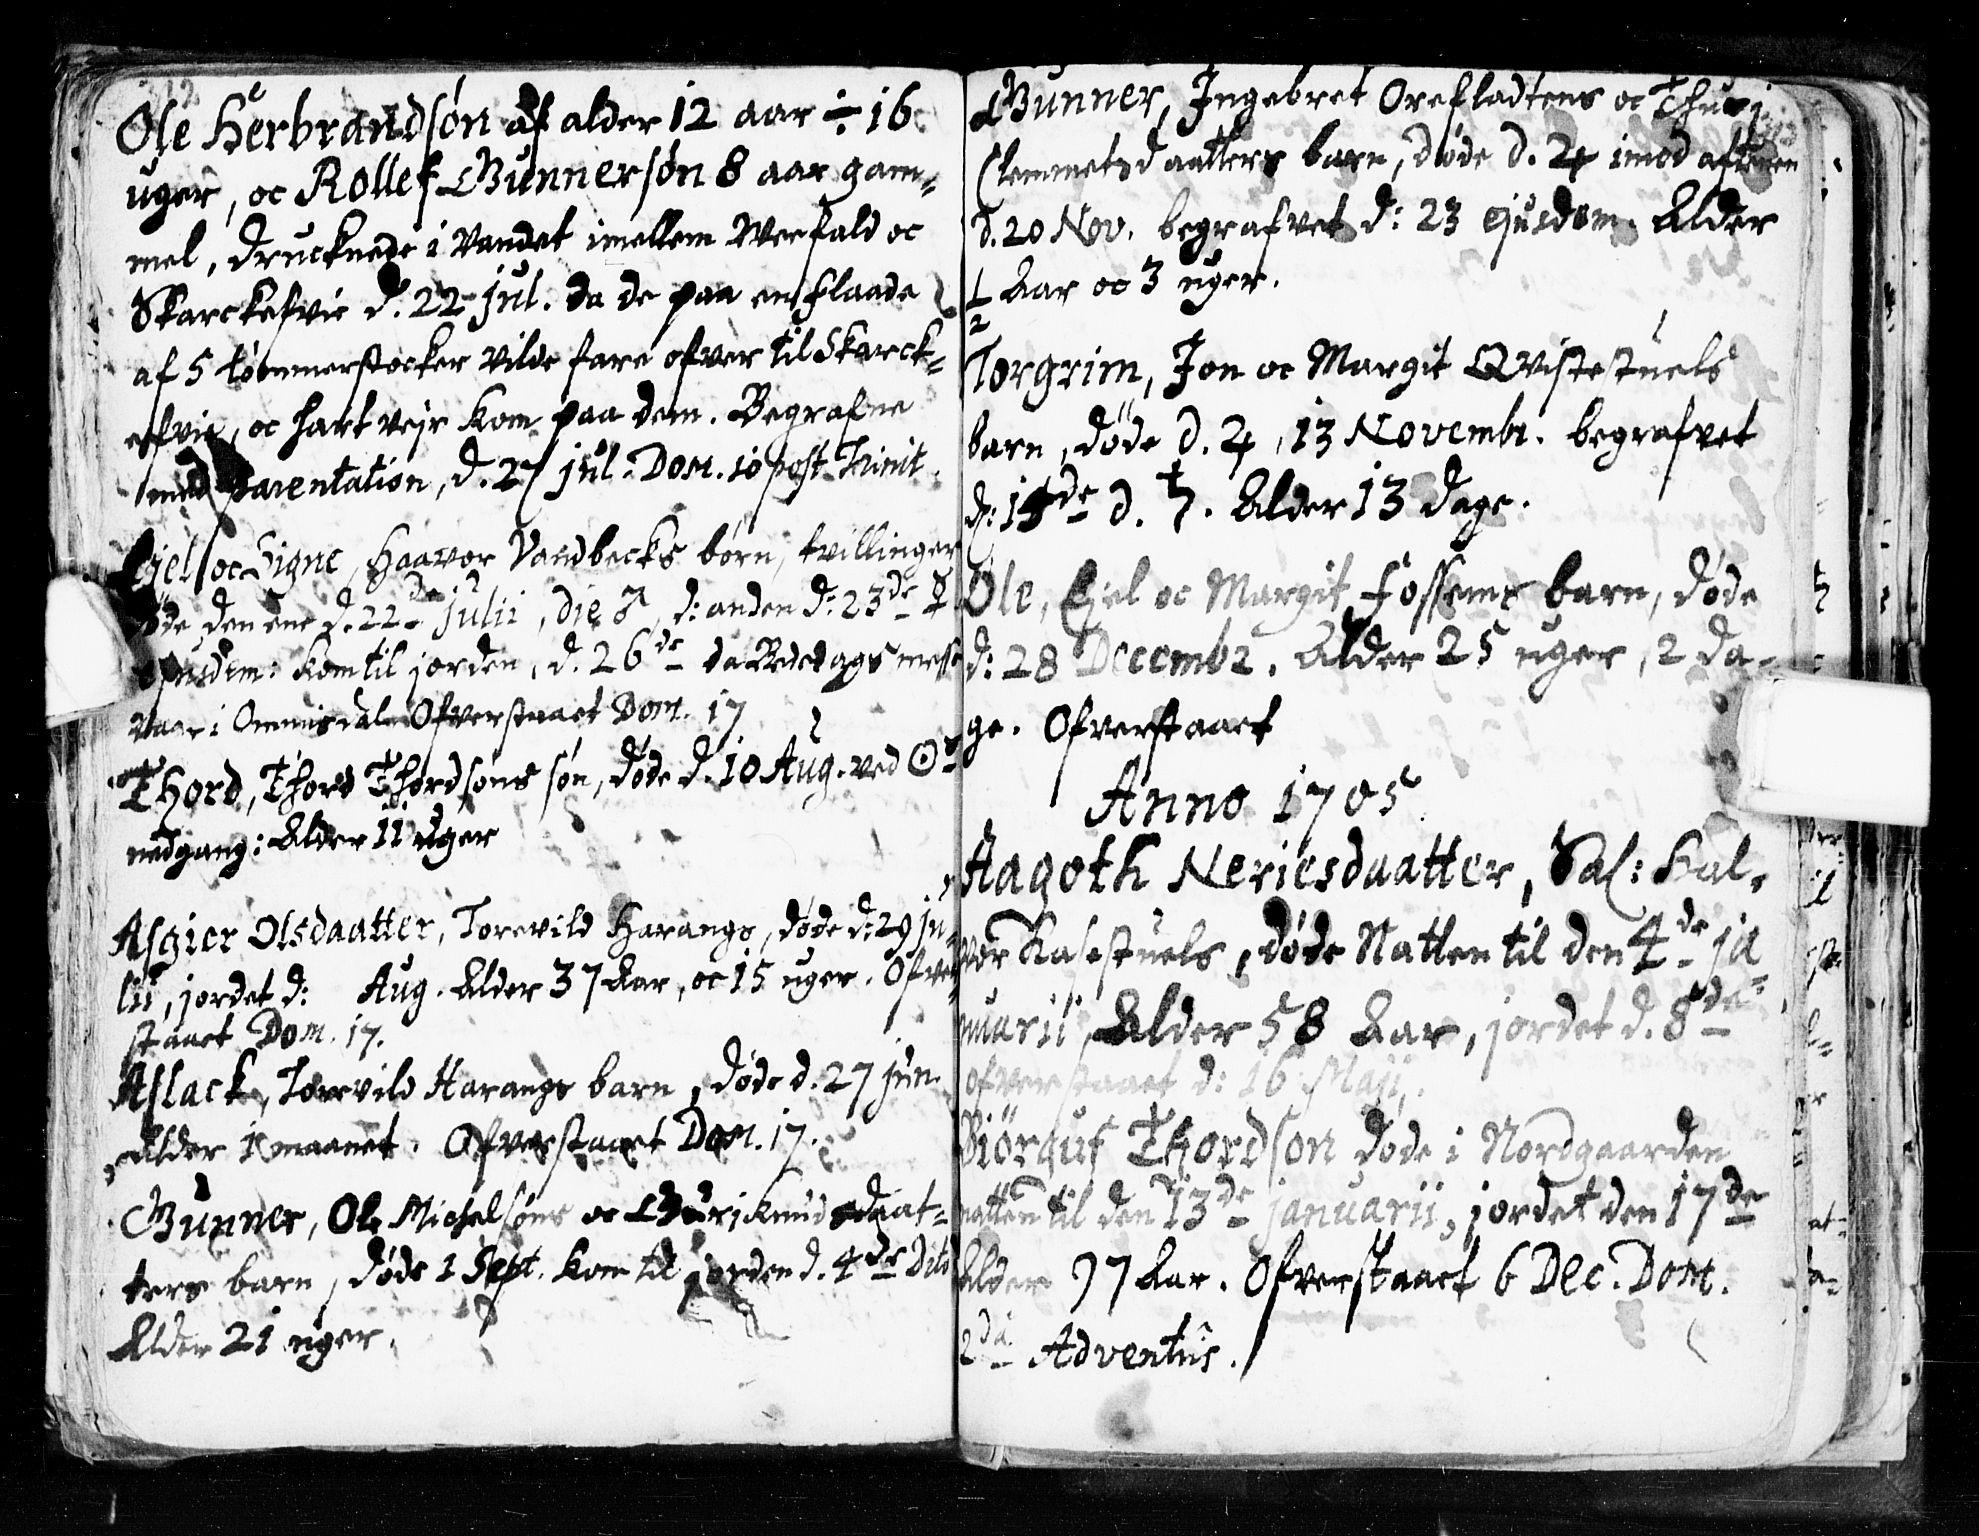 SAKO, Seljord kirkebøker, F/Fa/L0002: Ministerialbok nr. I 2, 1689-1713, s. 312-313